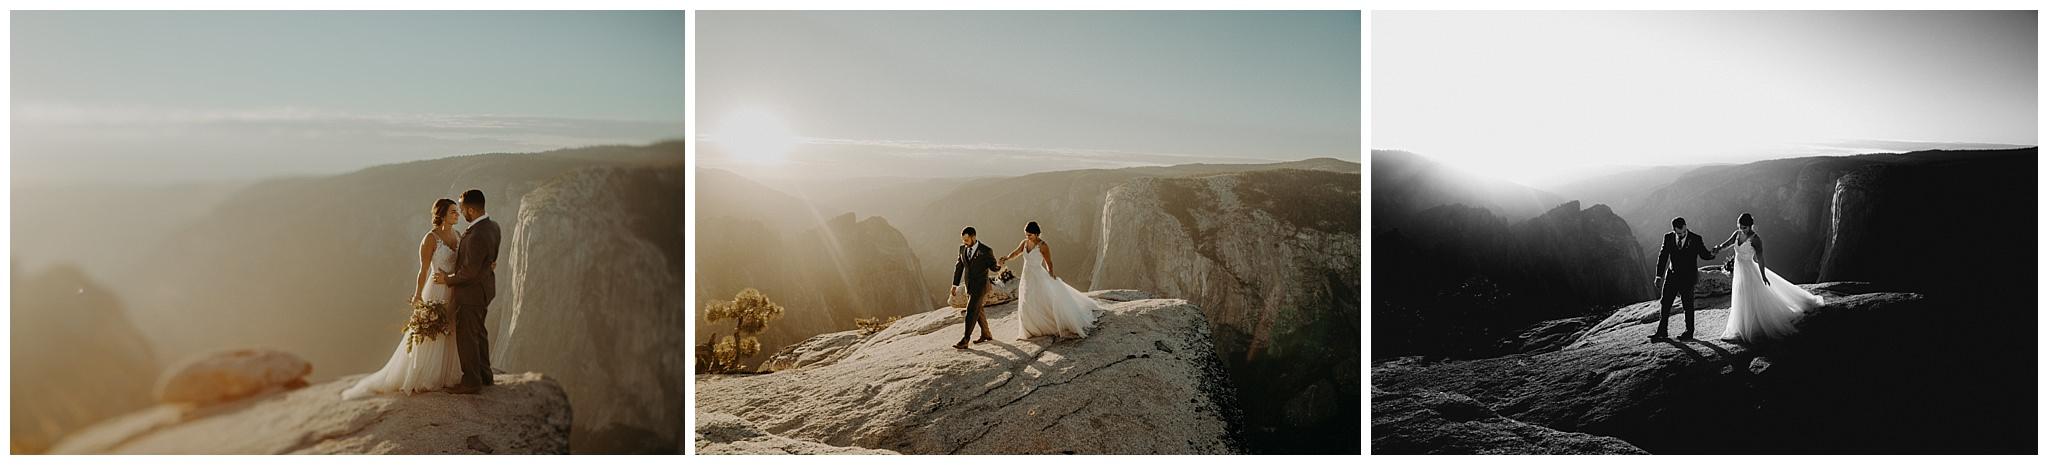 yosemite-elopement-photographer4.jpg